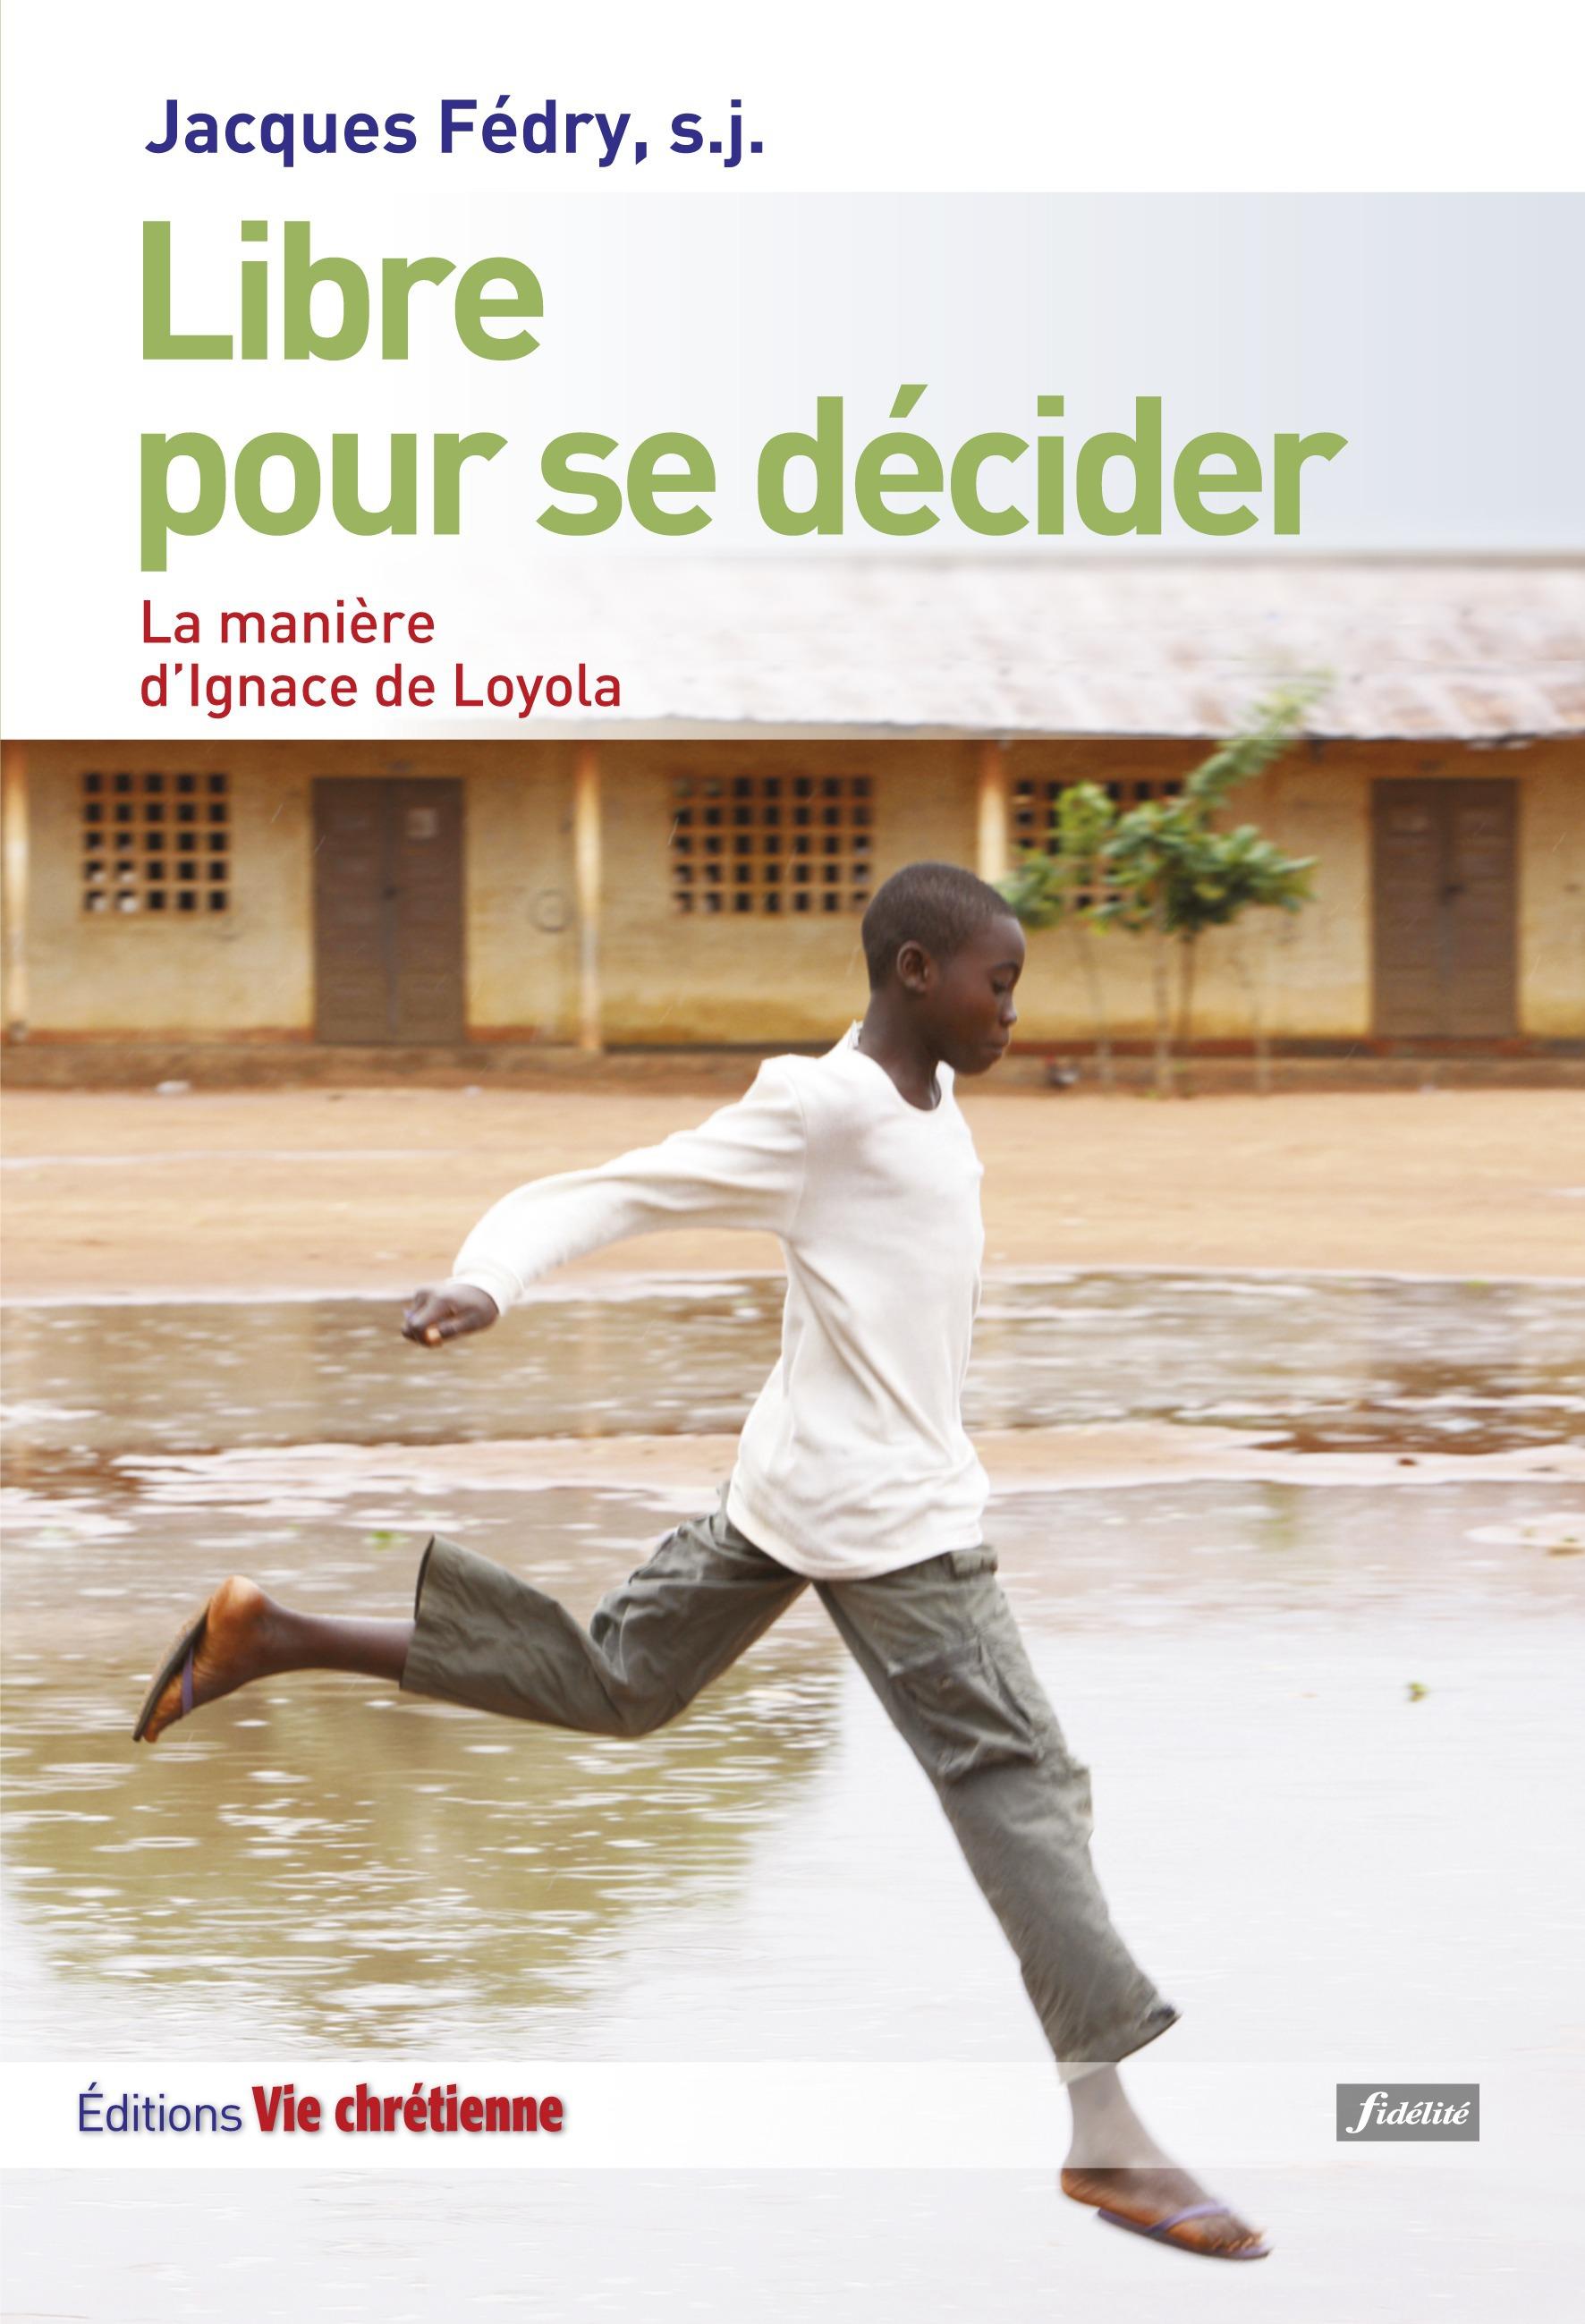 Libre pour se décider  - Jacques Fédry